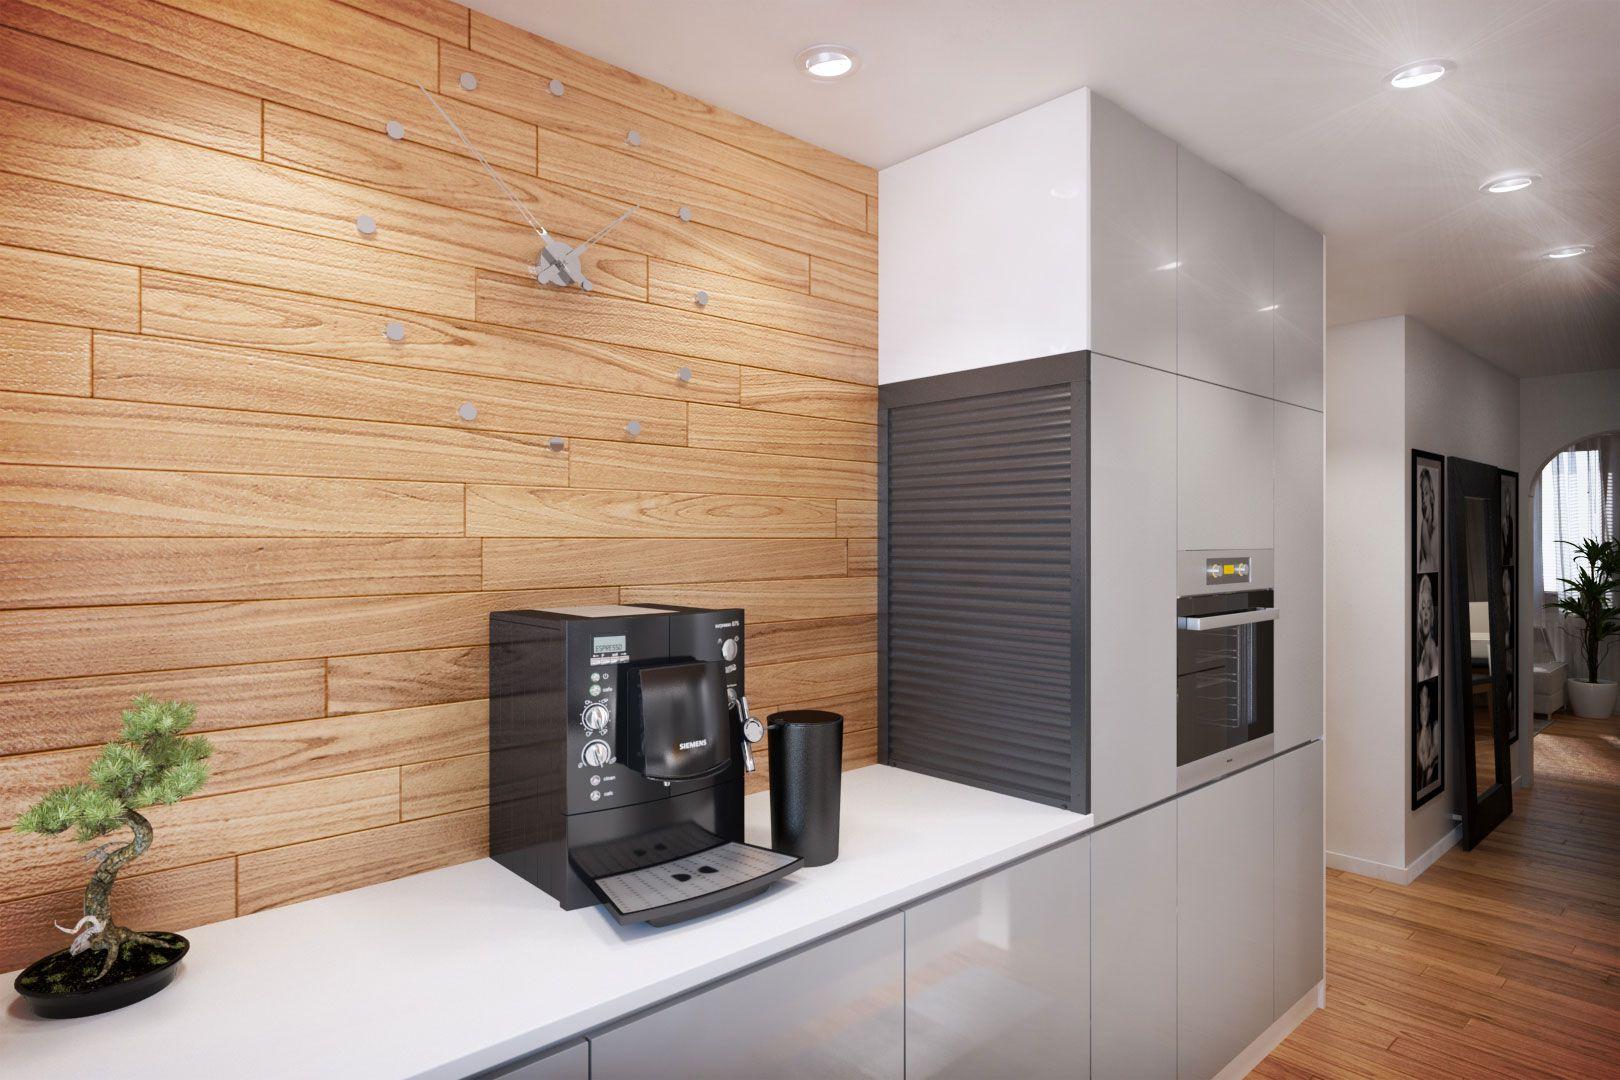 Piso 60 Metros Cuadrados Cheap Plano De Casa De X Metros X Pies  # Muebles Cuadrados